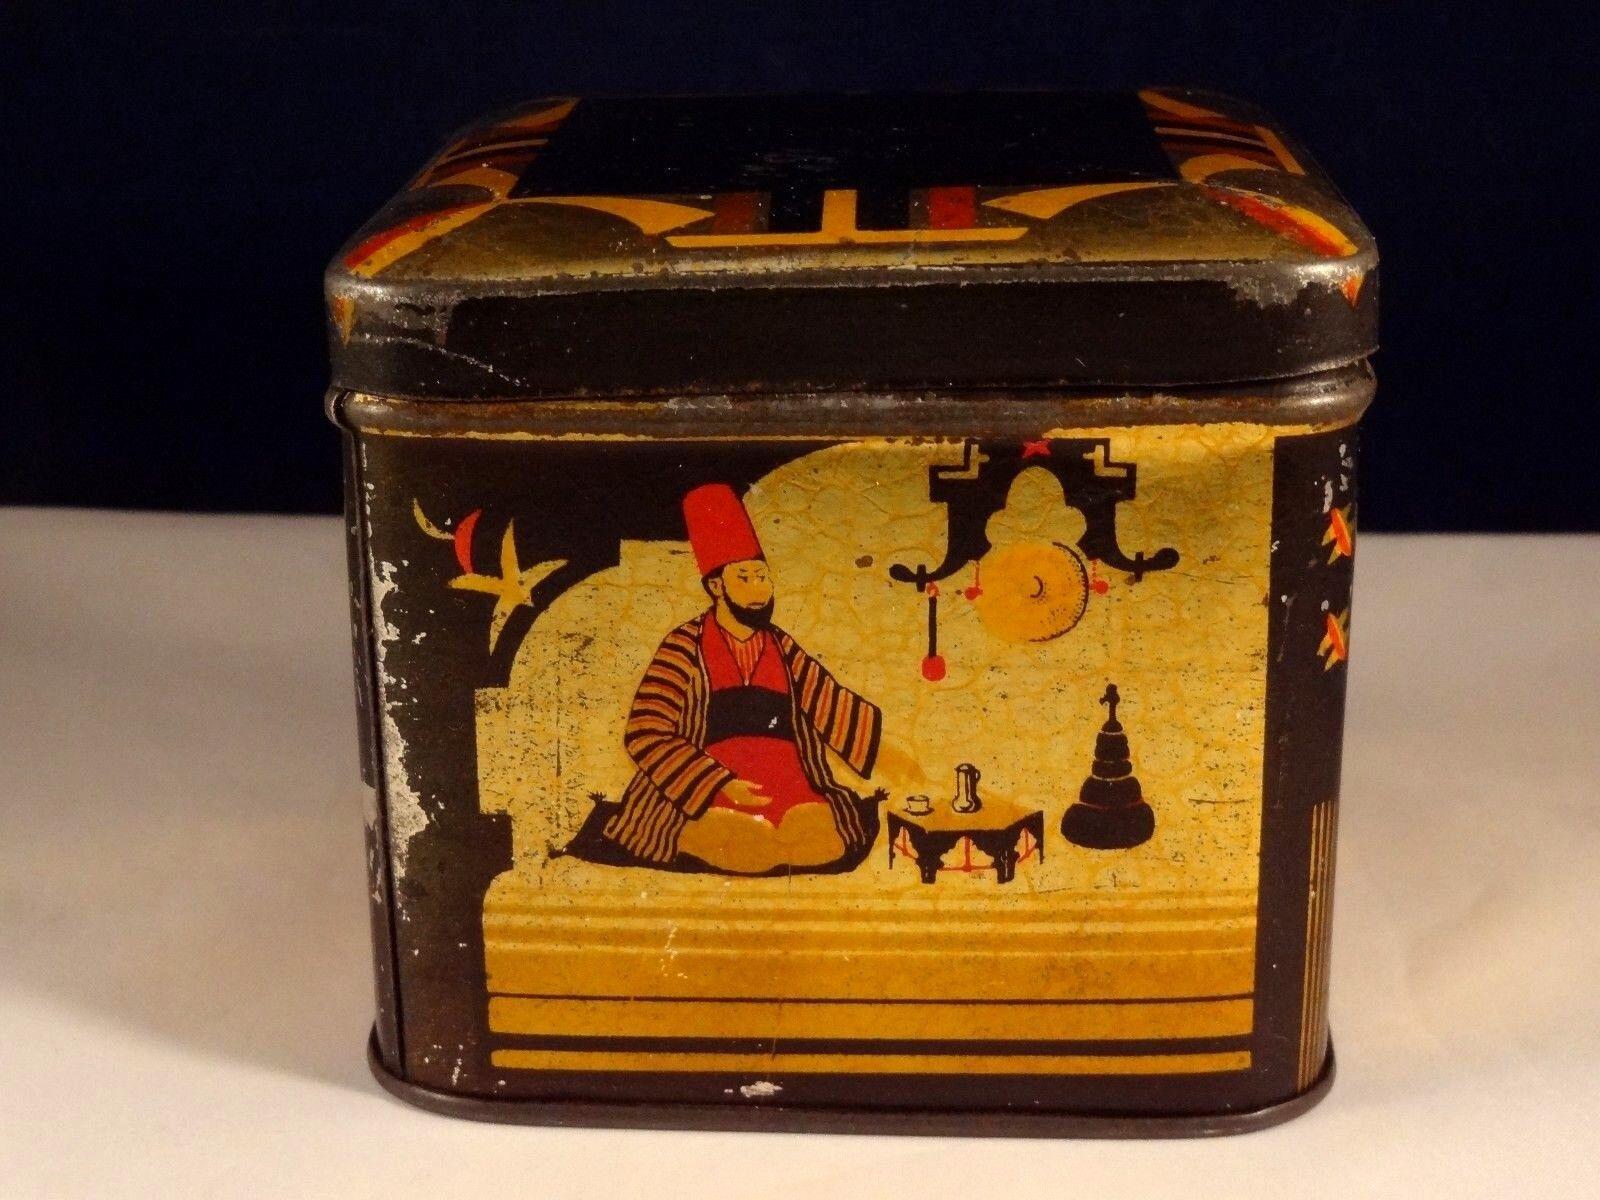 Ancienne boîte en tôle Mosquée lithographiée orientale café Kaffee Turquie  Mosquée tôle 20 dc0090